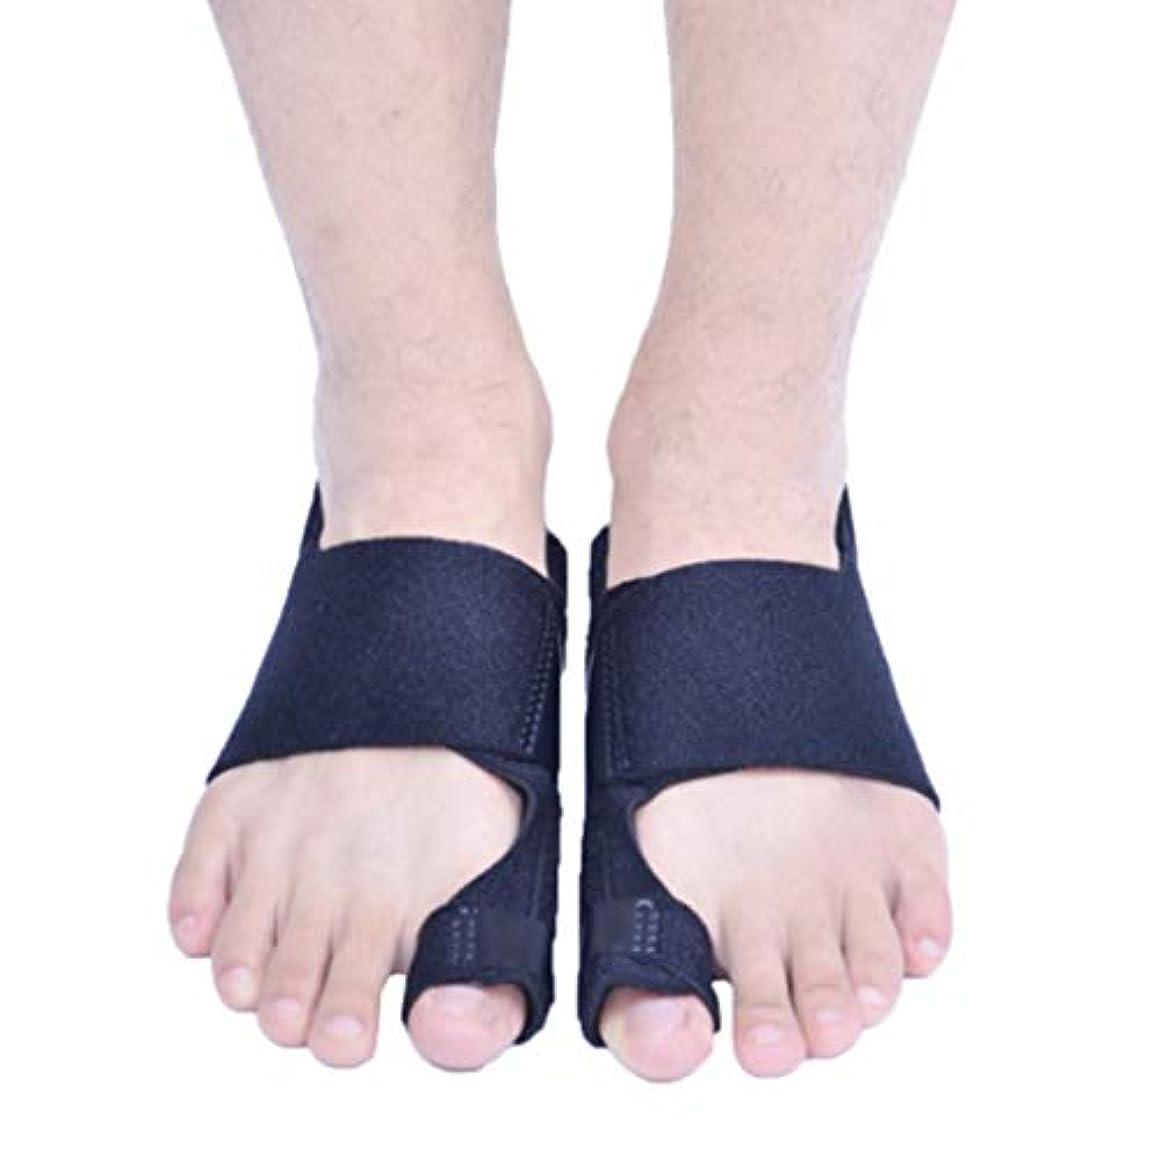 奨学金バレエ量で痛み外反母趾ブレース、親指の外反ブレース外反母趾ブレースbunions補正がなだめるサイズです